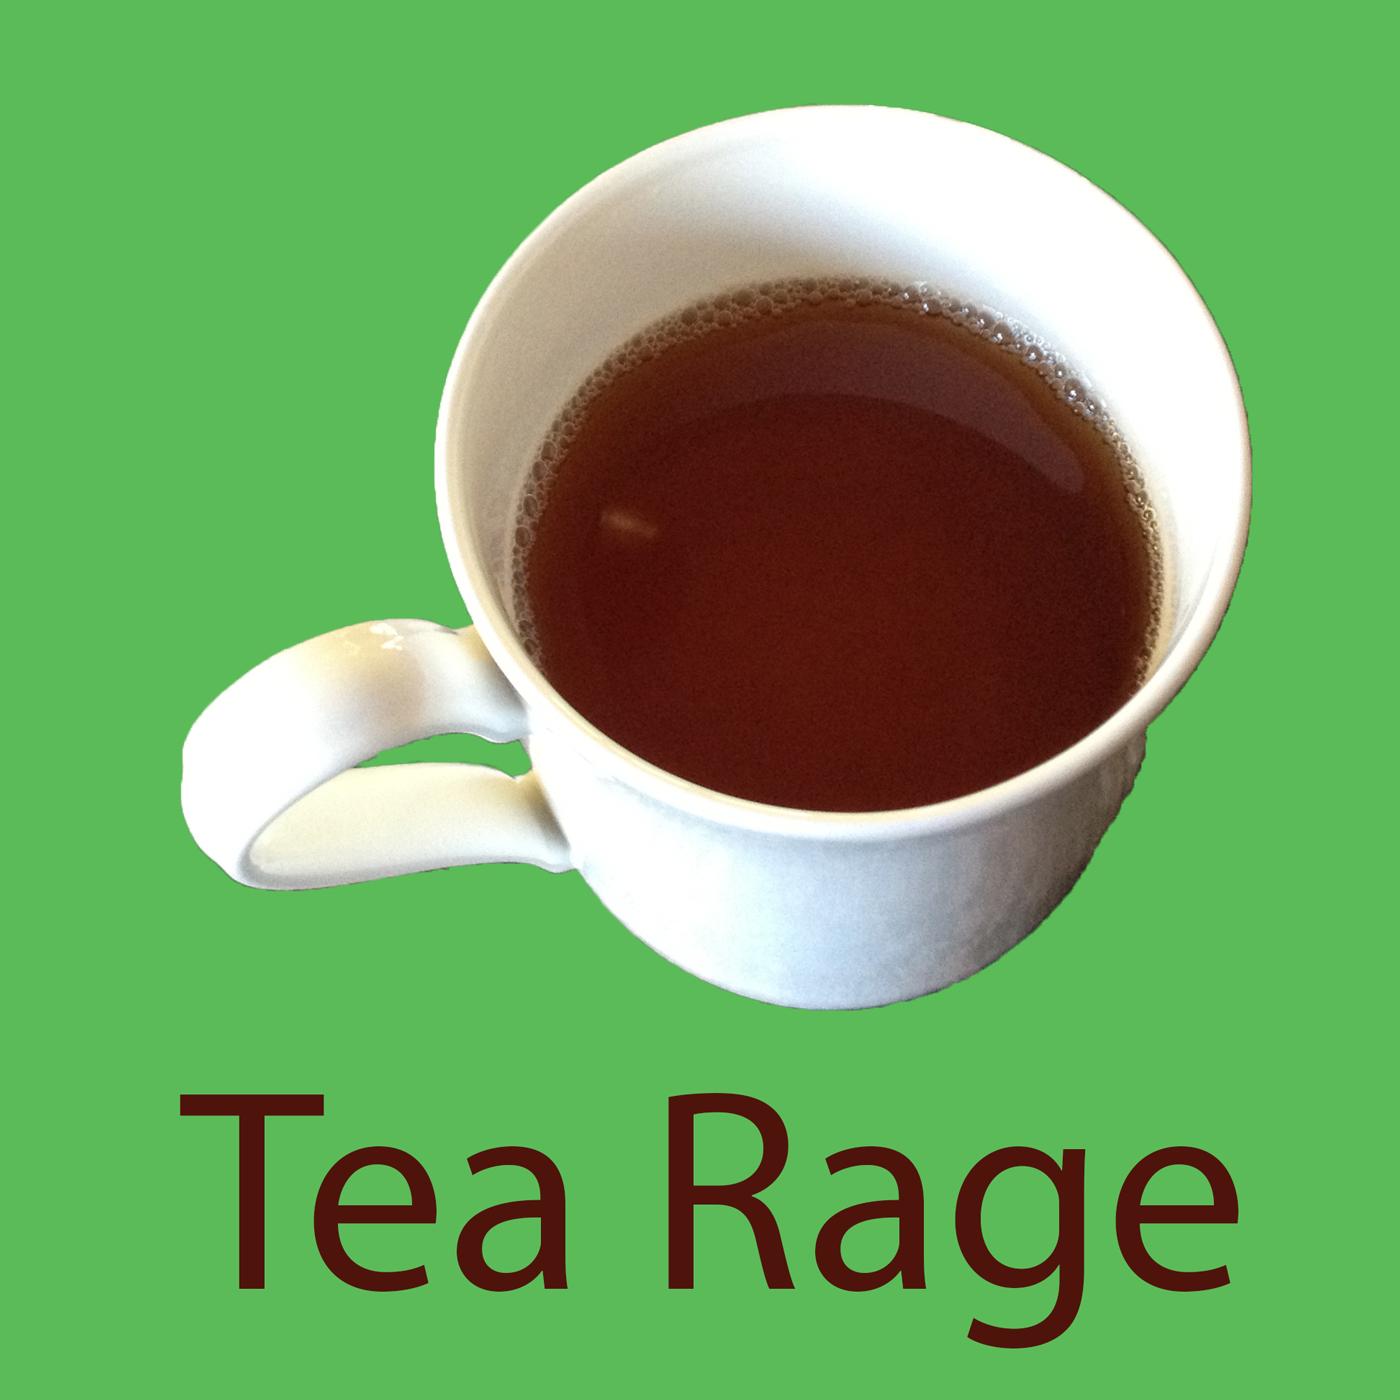 010: Tea Bags